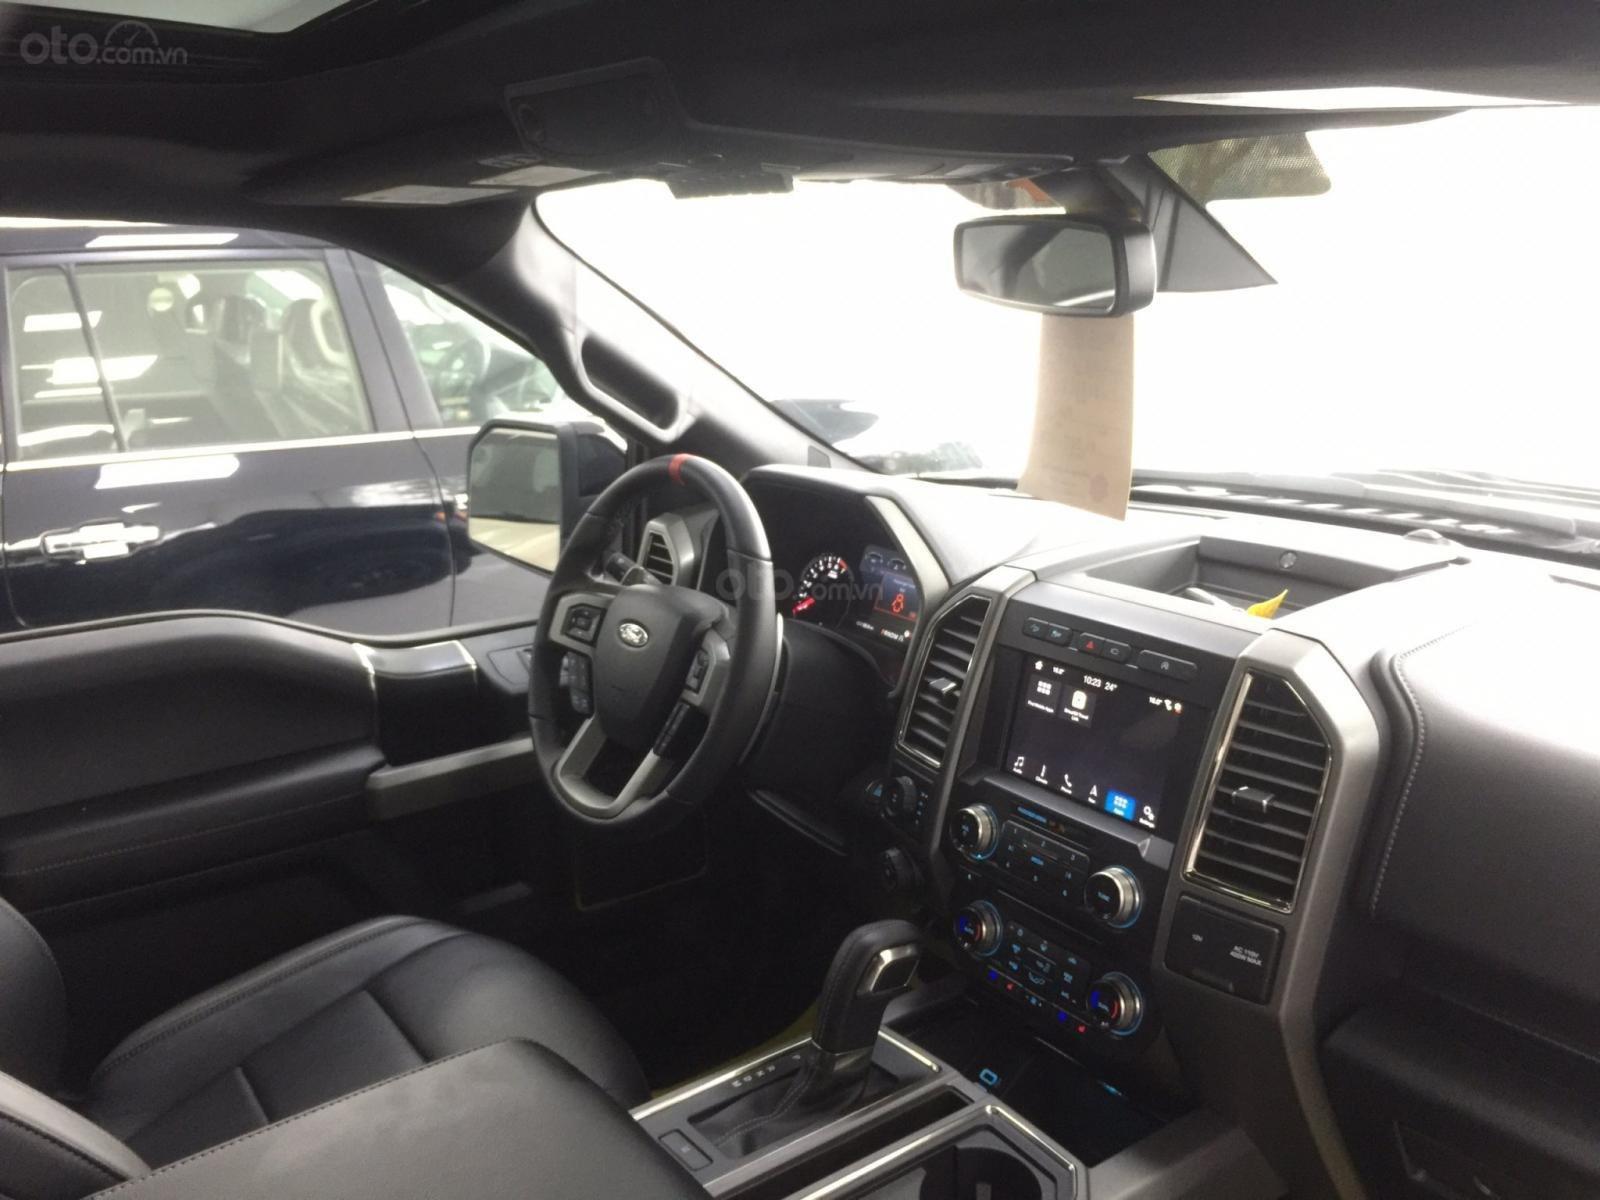 Bán siêu bán tải Ford F150 Raptor 2020, giá tốt giao ngay toàn quốc. LH Ms. Ngọc Vy 093.996.2368 (22)